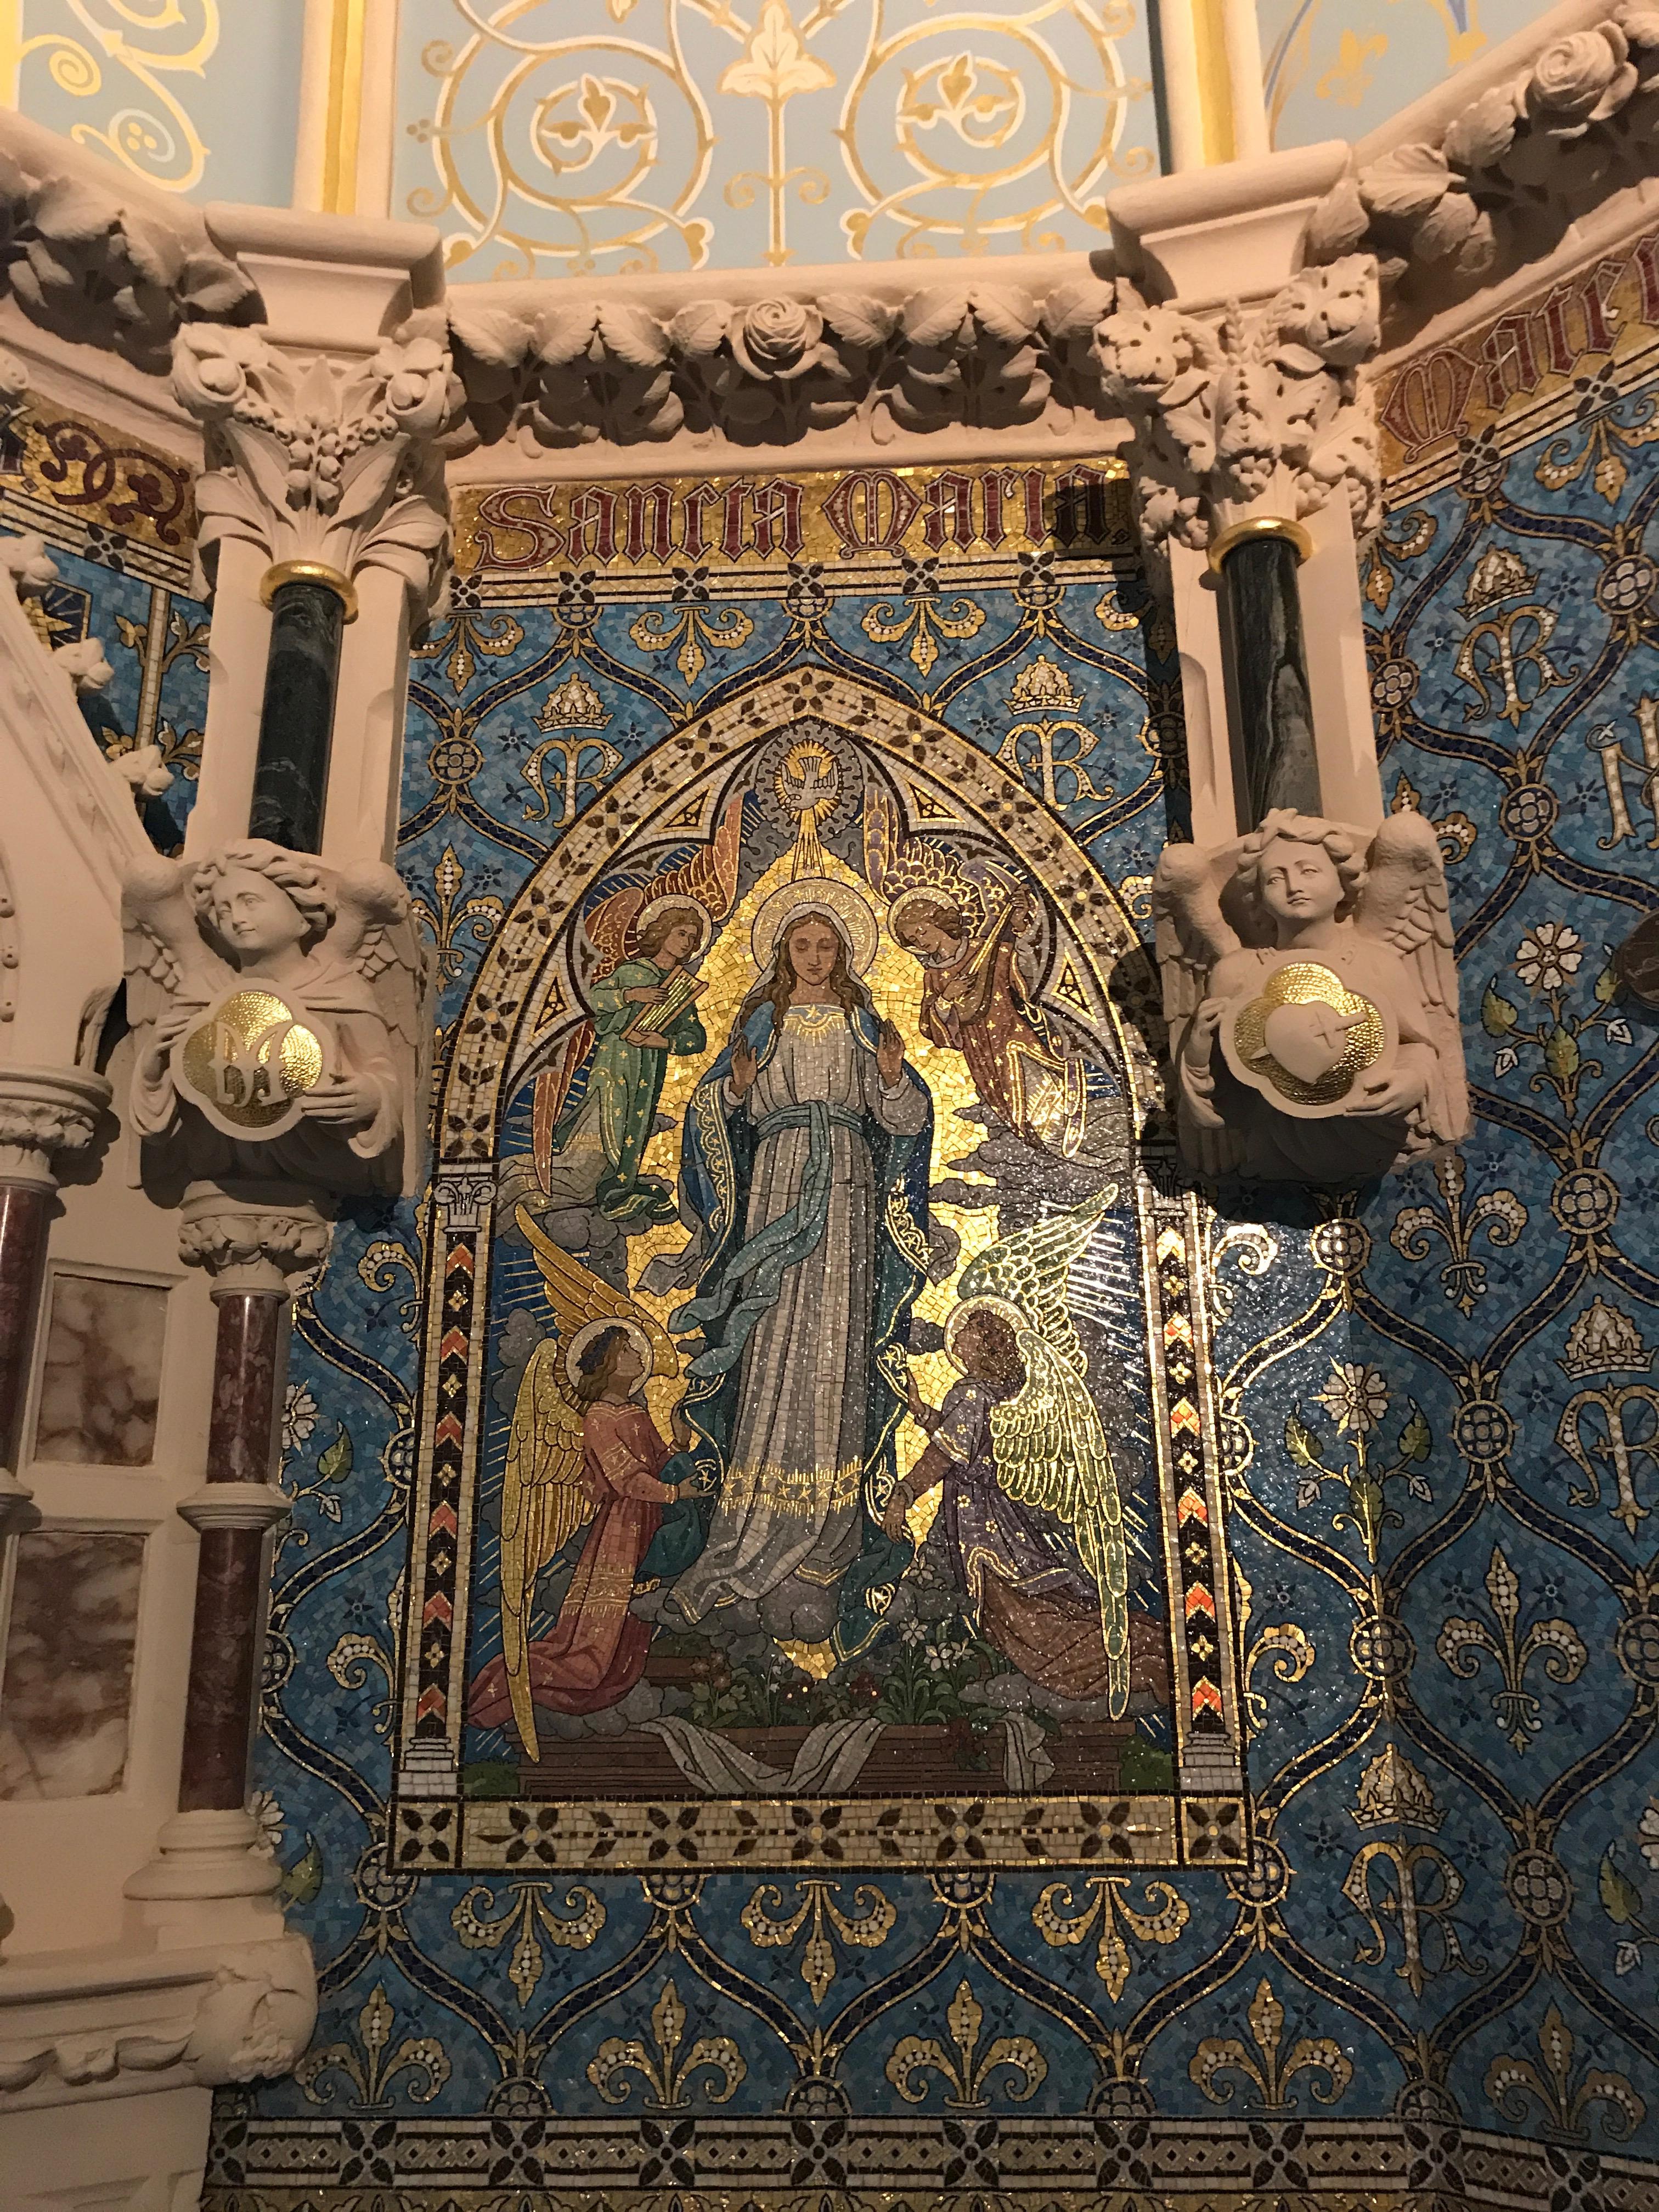 Adormirea Maicii Domnului _ Capela seminarului din Maynooth (Irlanda)